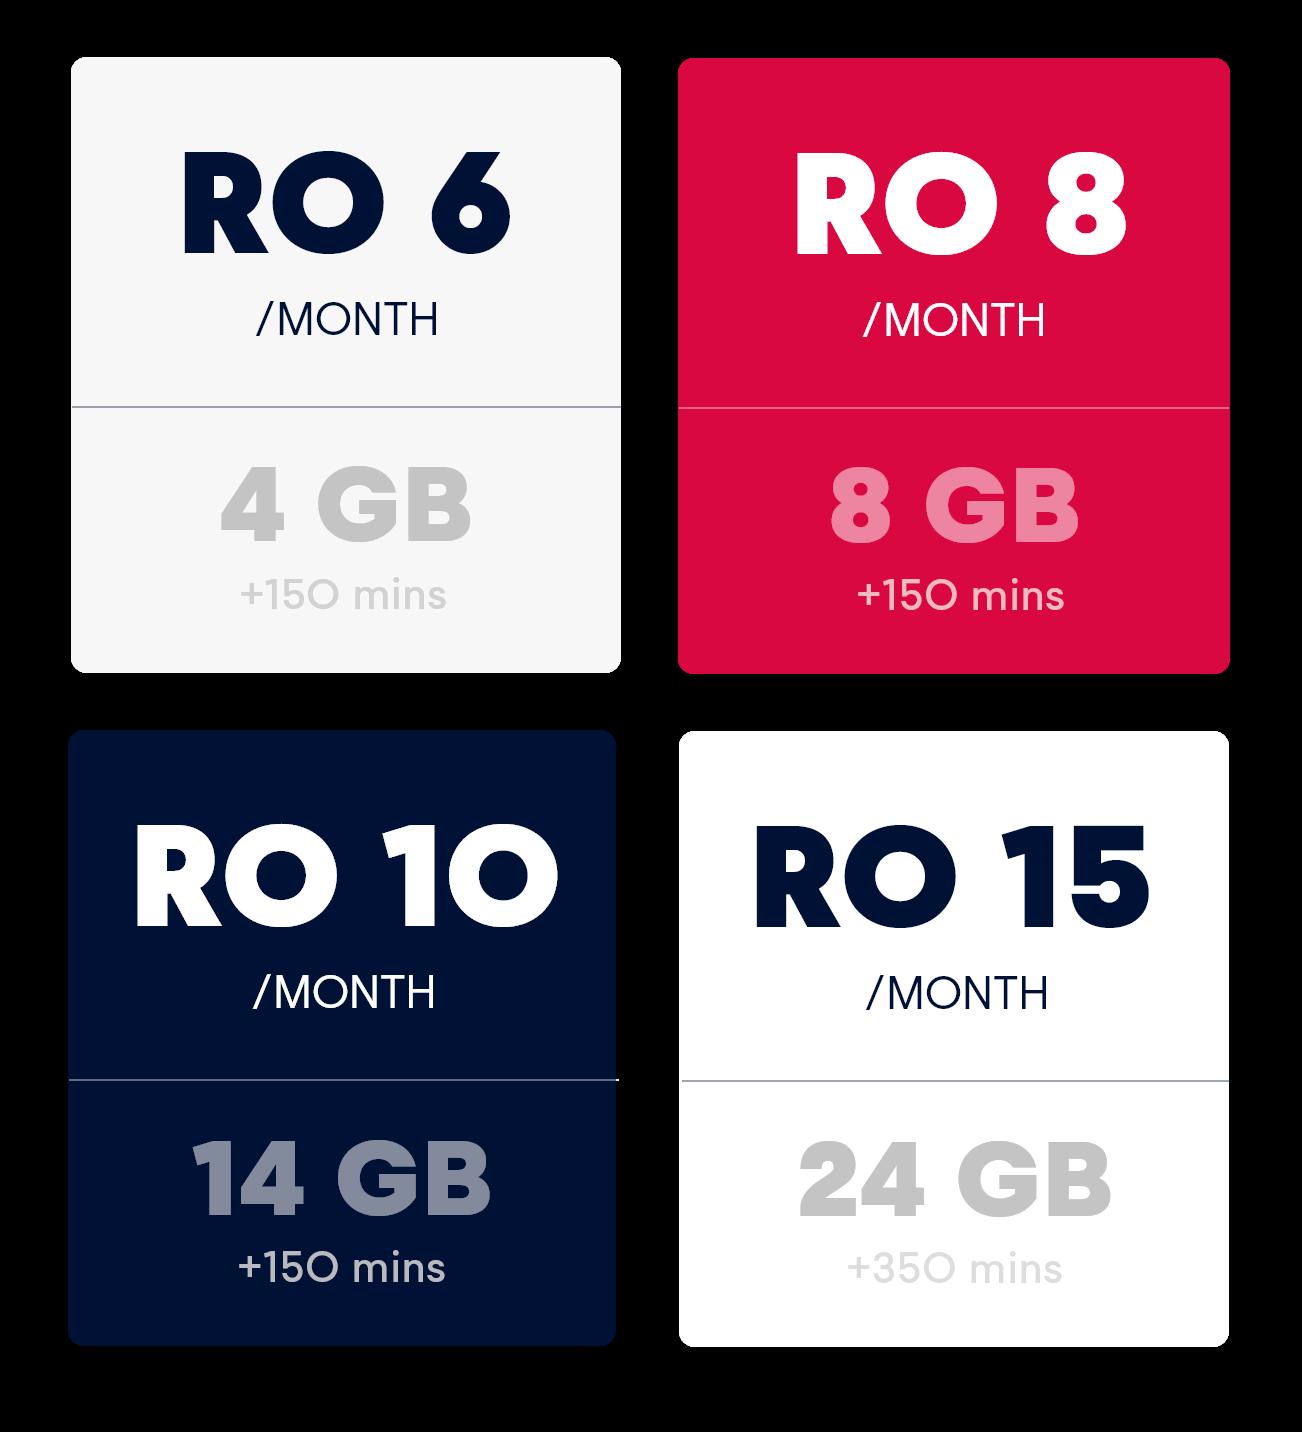 Red Bull MOBILE plans